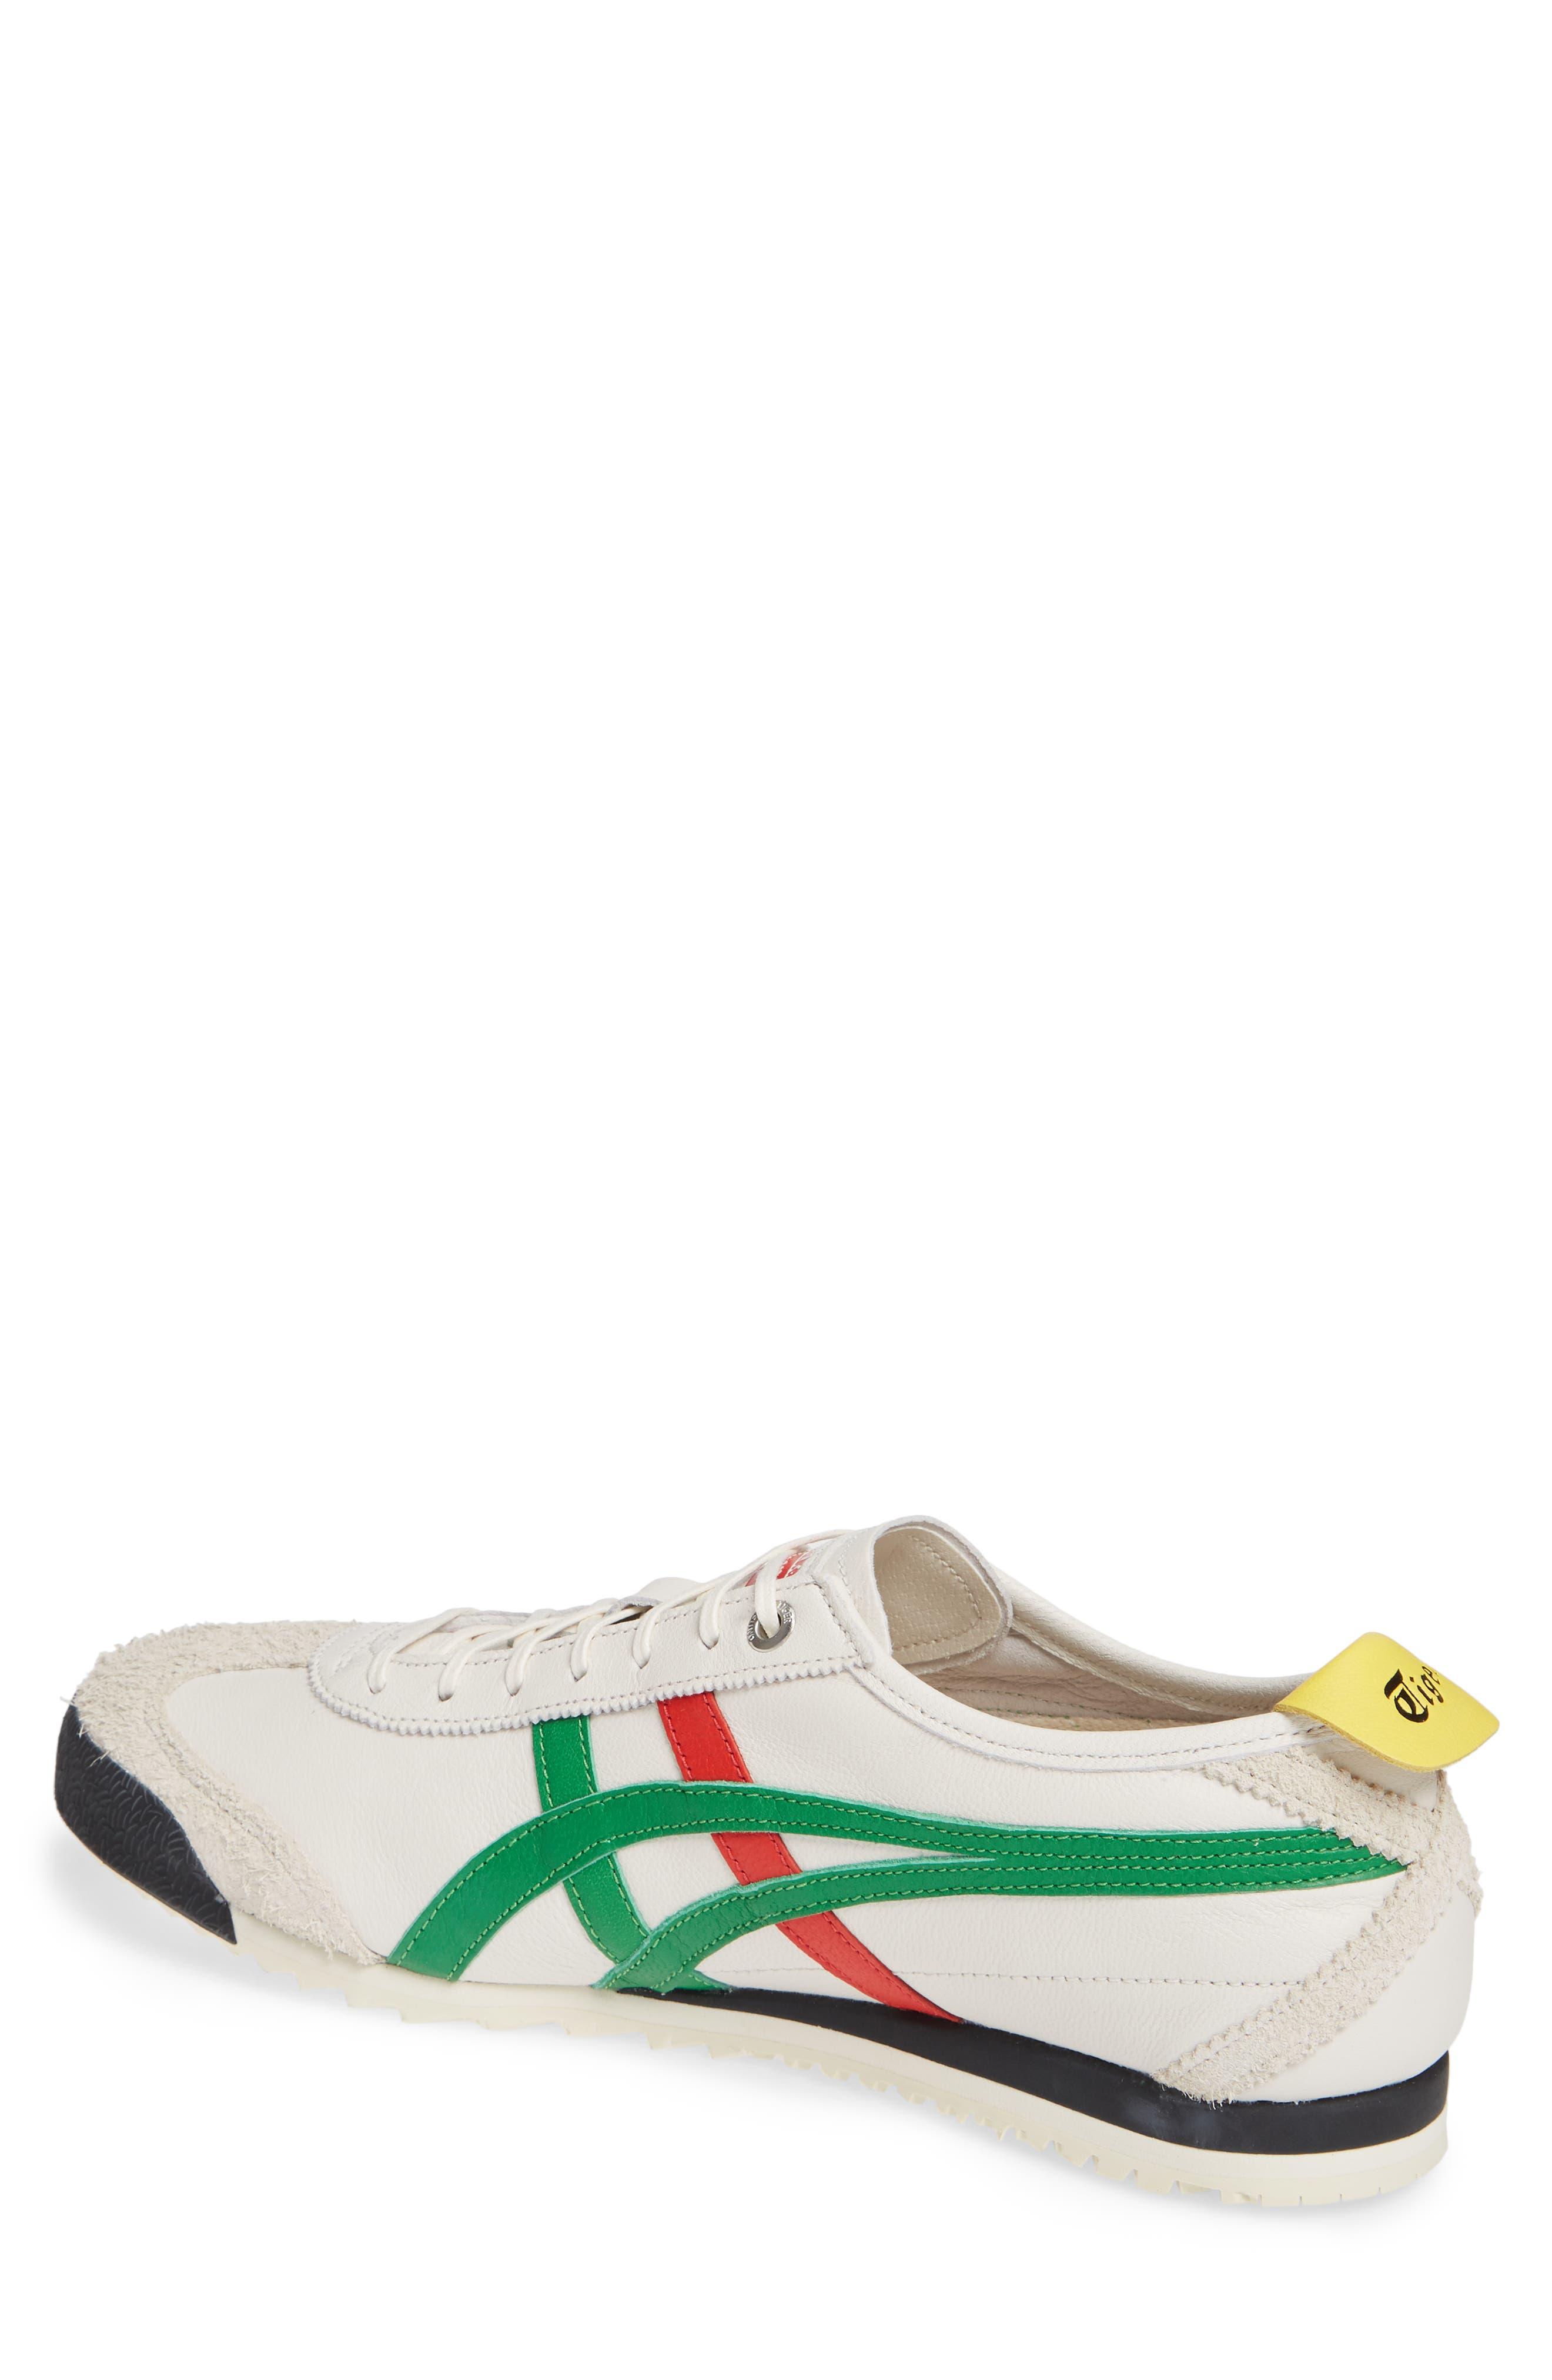 Mexico SD Sneaker,                             Alternate thumbnail 2, color,                             CREAM/ GREEN